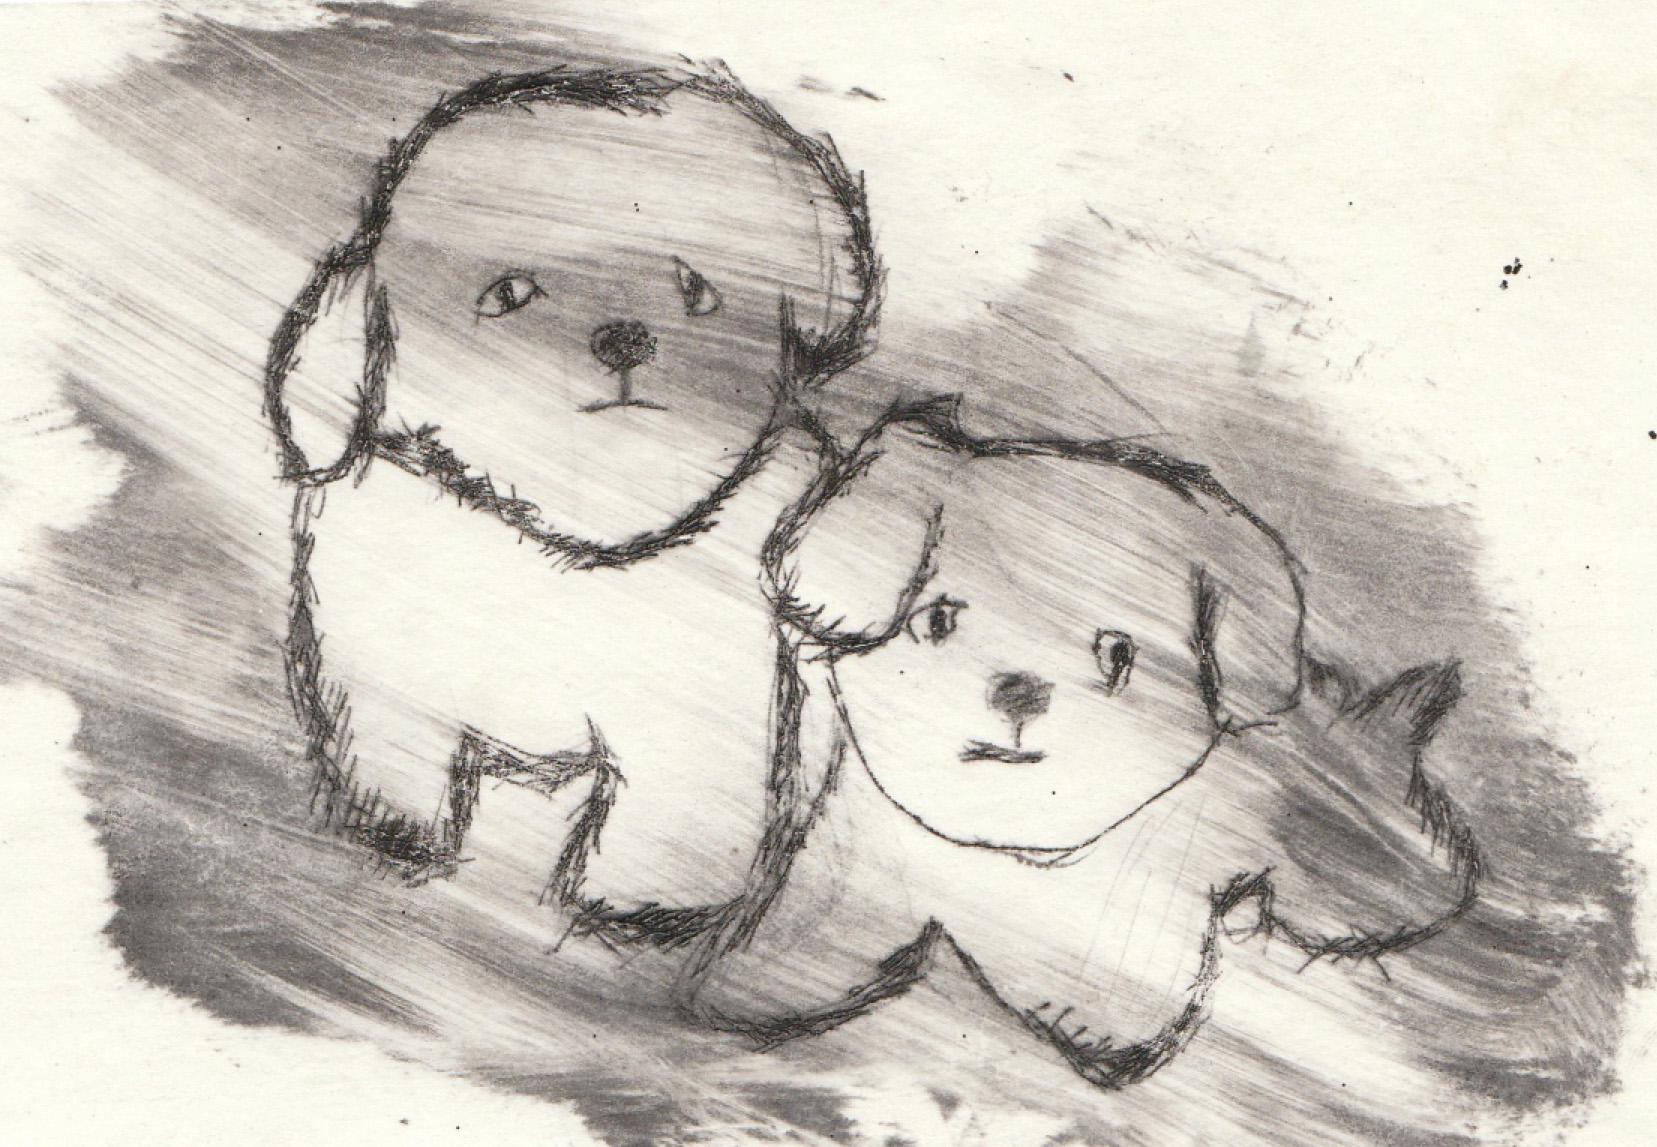 Zīmējumā attēloti divi mazi sunīši vējā. Zīmējums ir melnbalts.